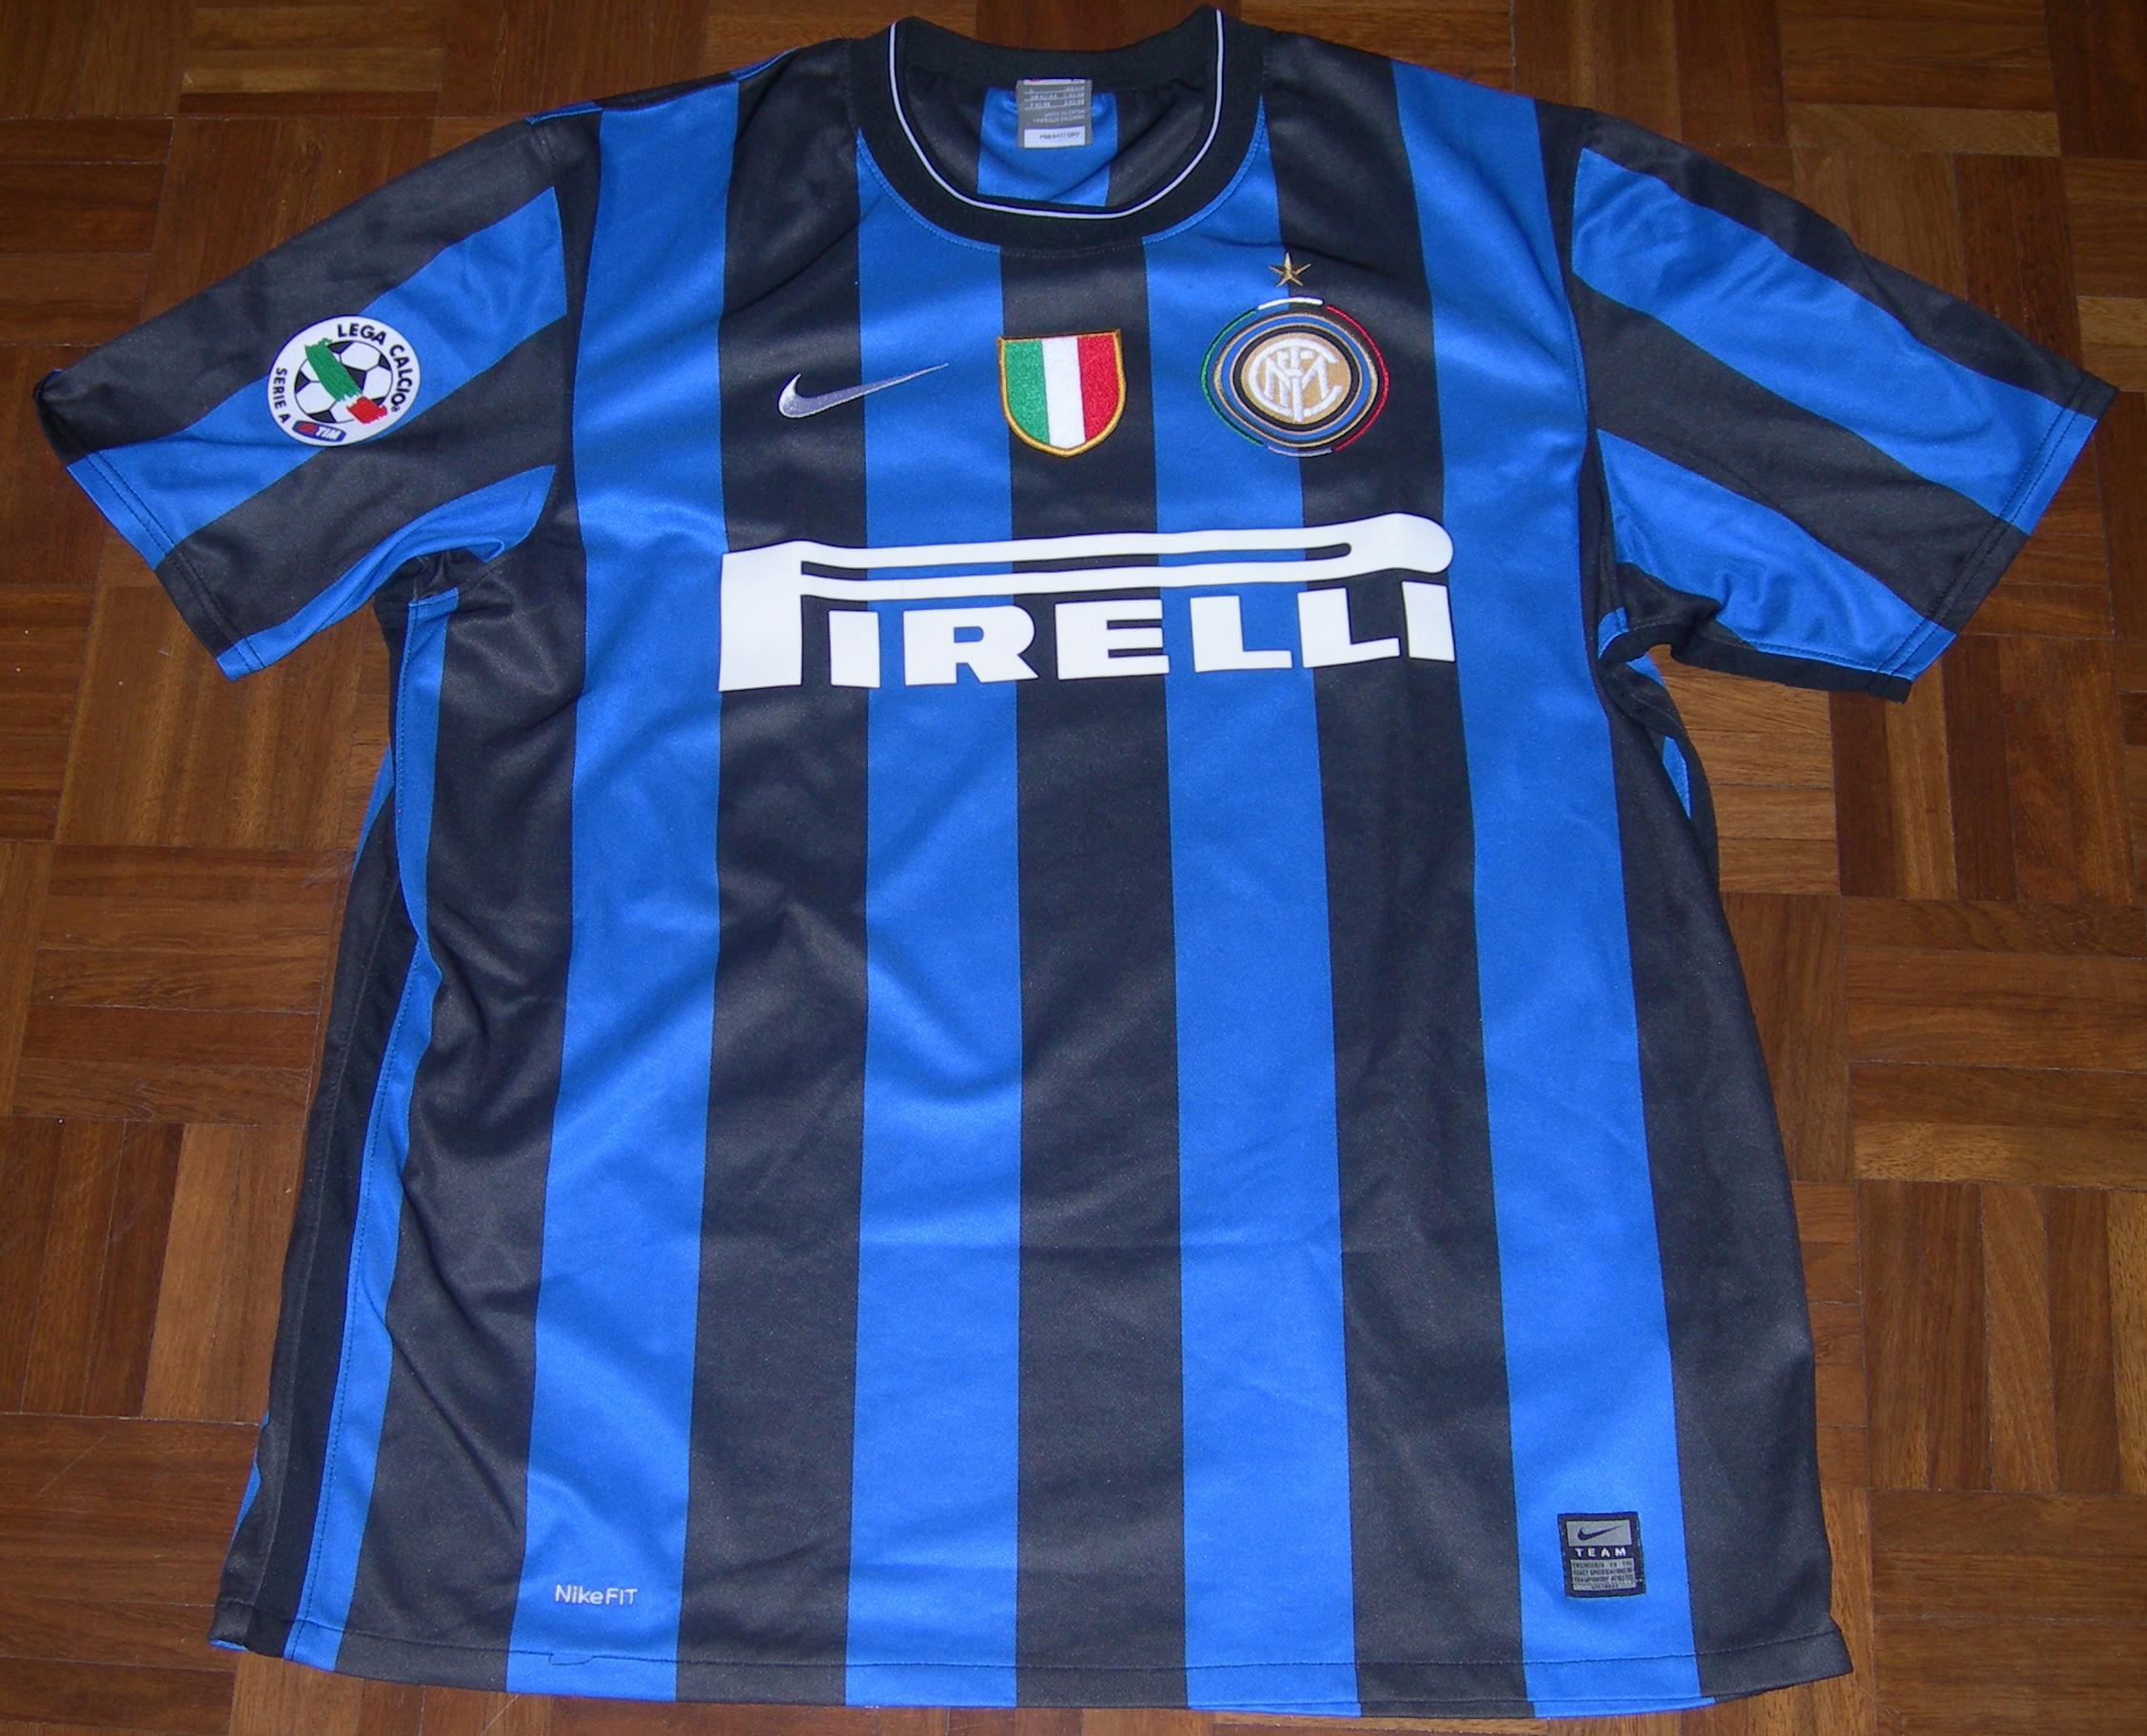 online store da414 99adf File:Maglia Inter 2009-2010.jpg - Wikipedia